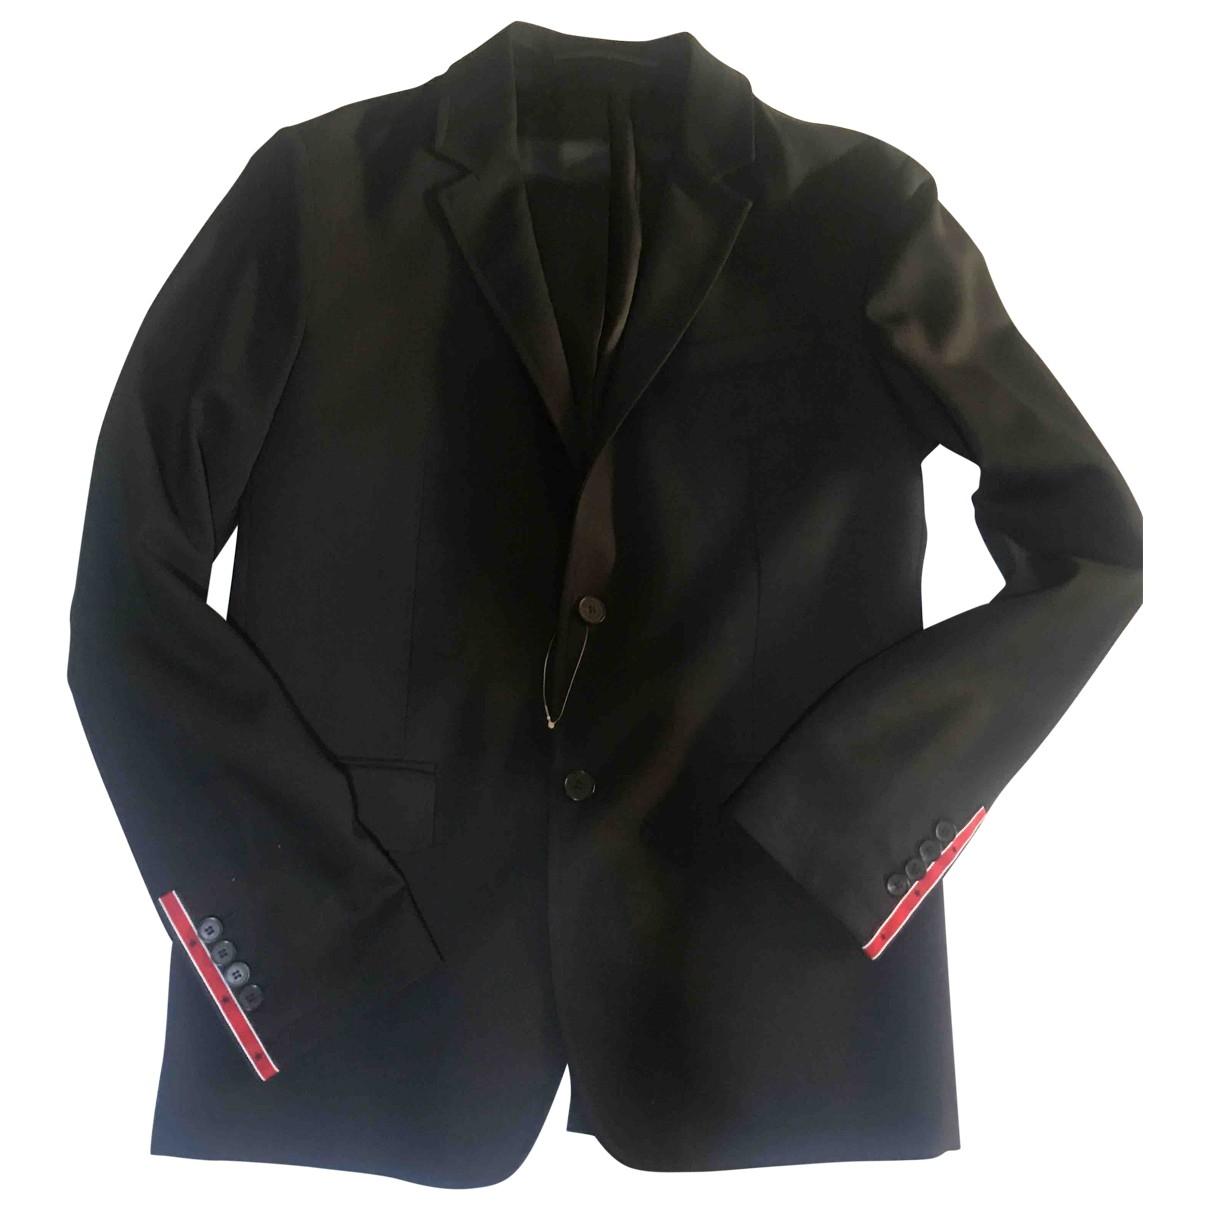 Givenchy - Vestes.Blousons   pour homme en laine - noir